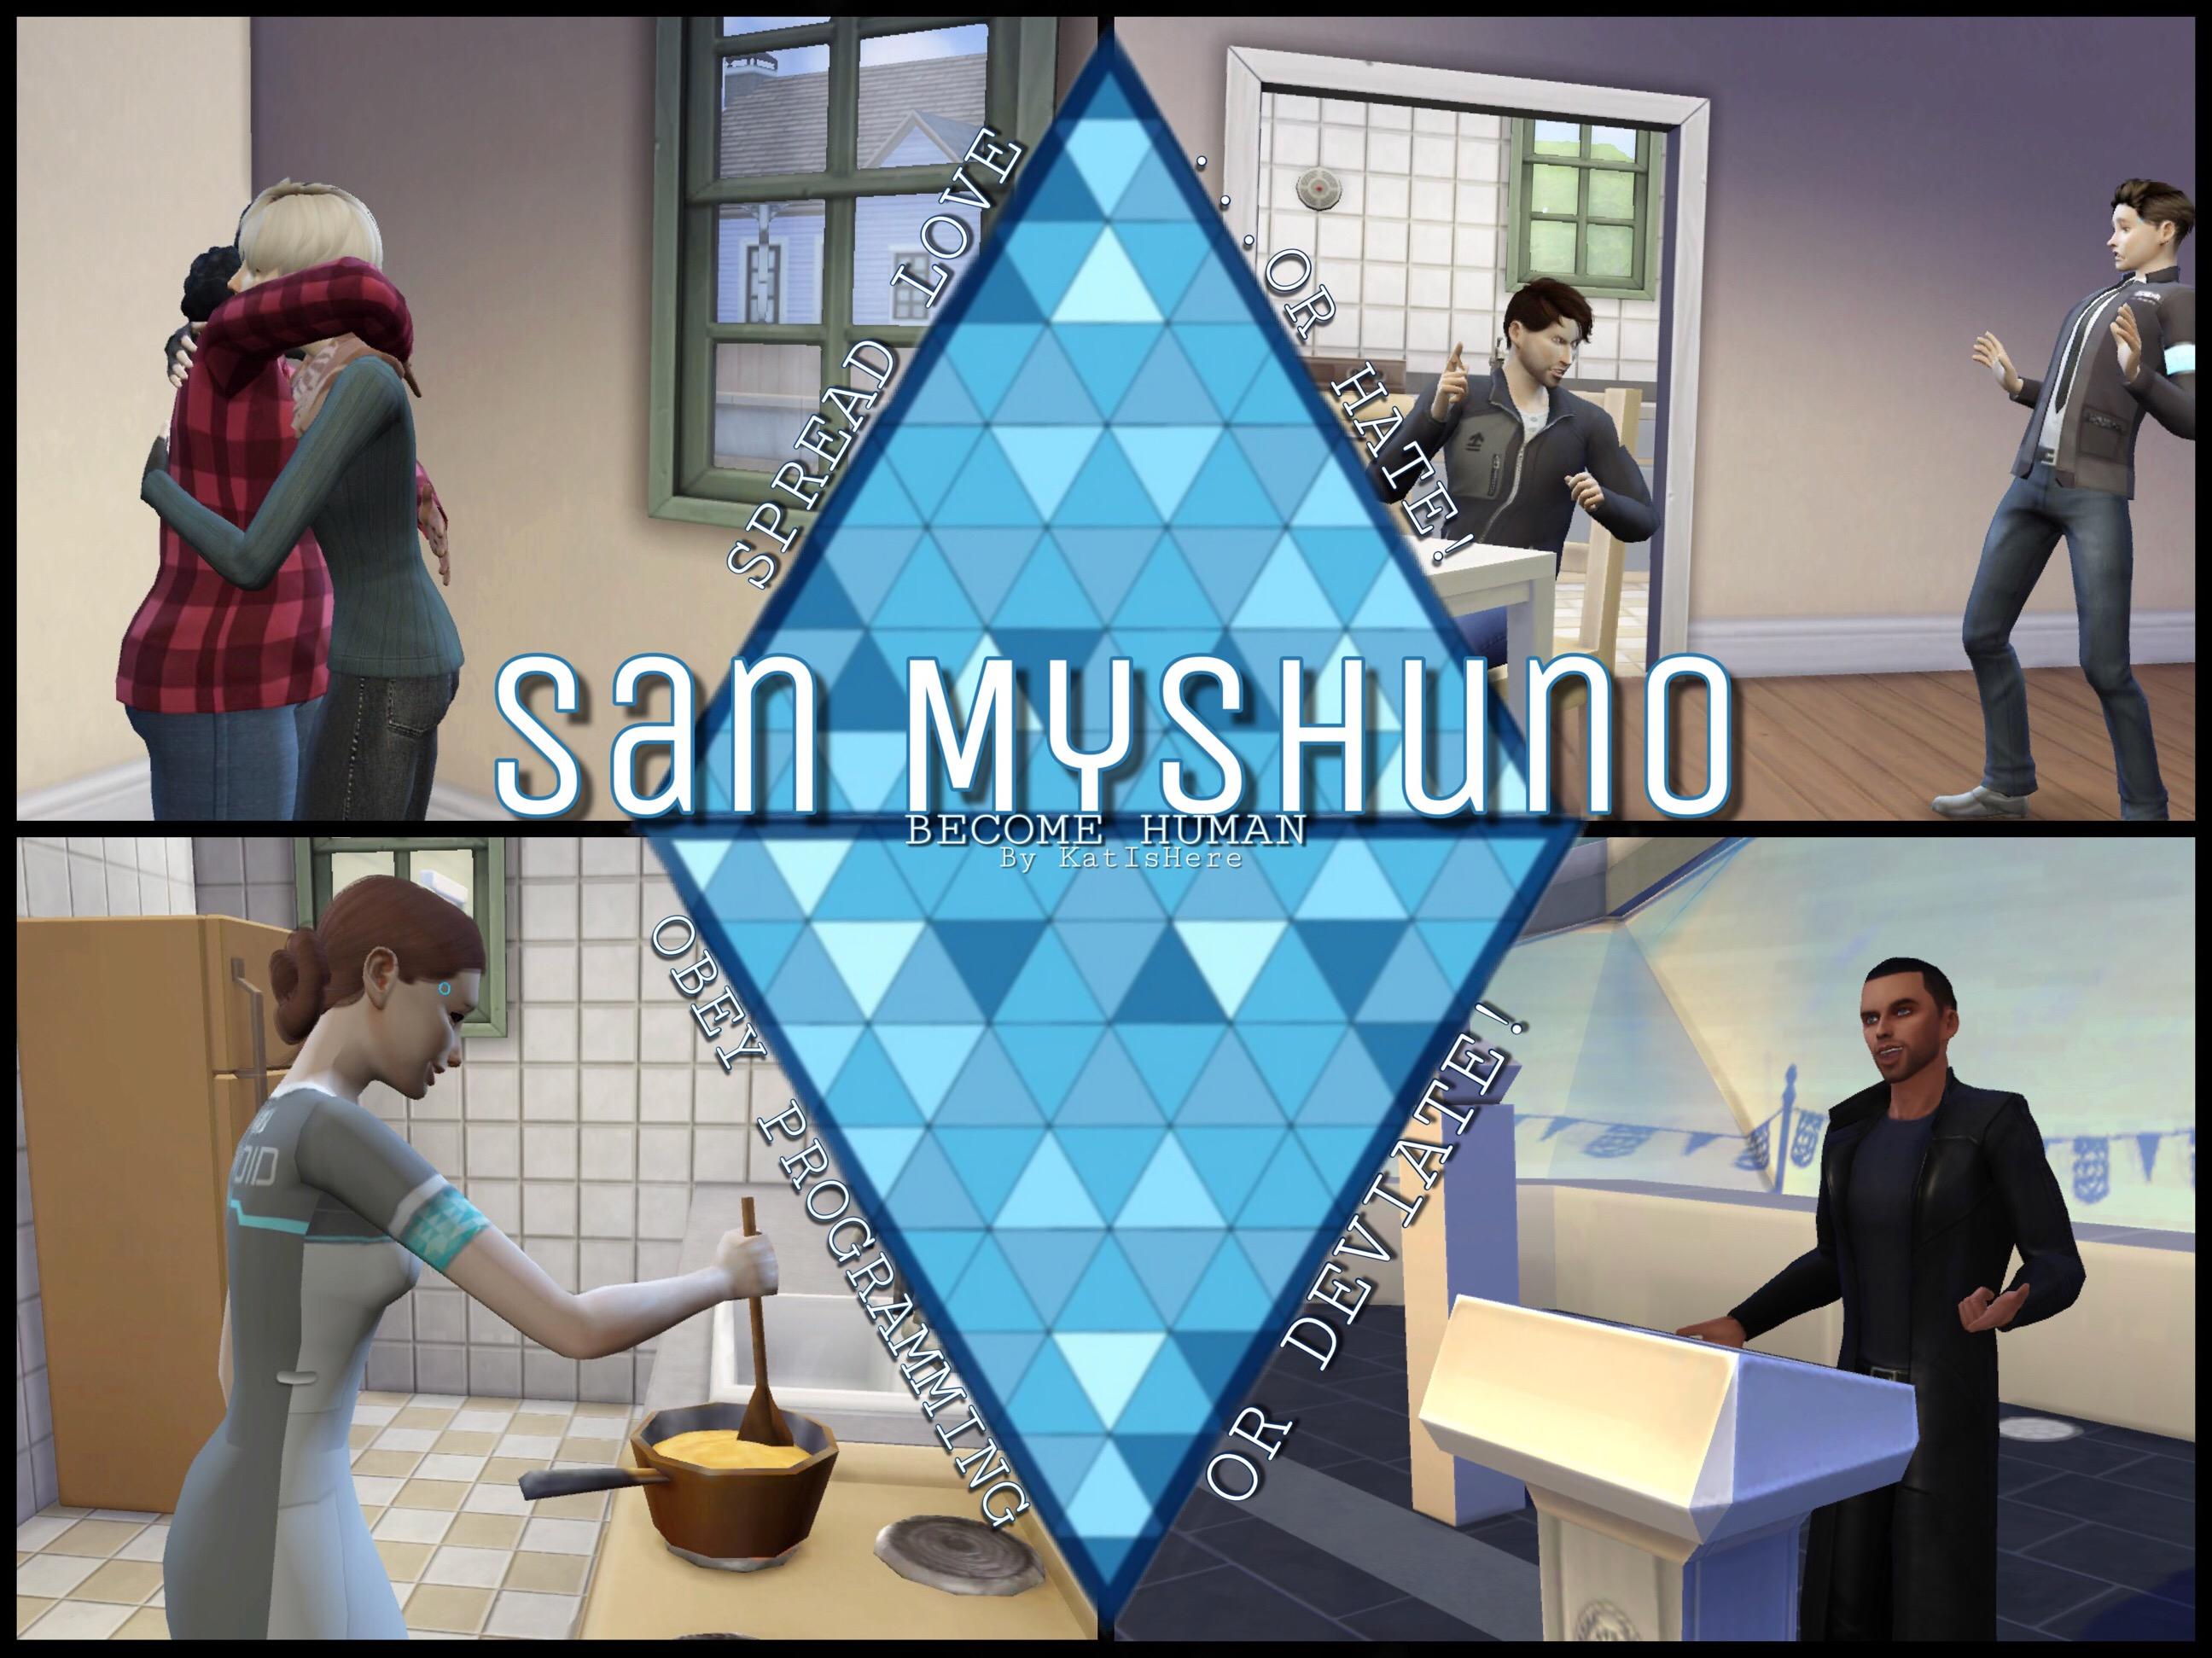 Mod The Sims - San Myshuno: Become Human (Detroit: Become Human